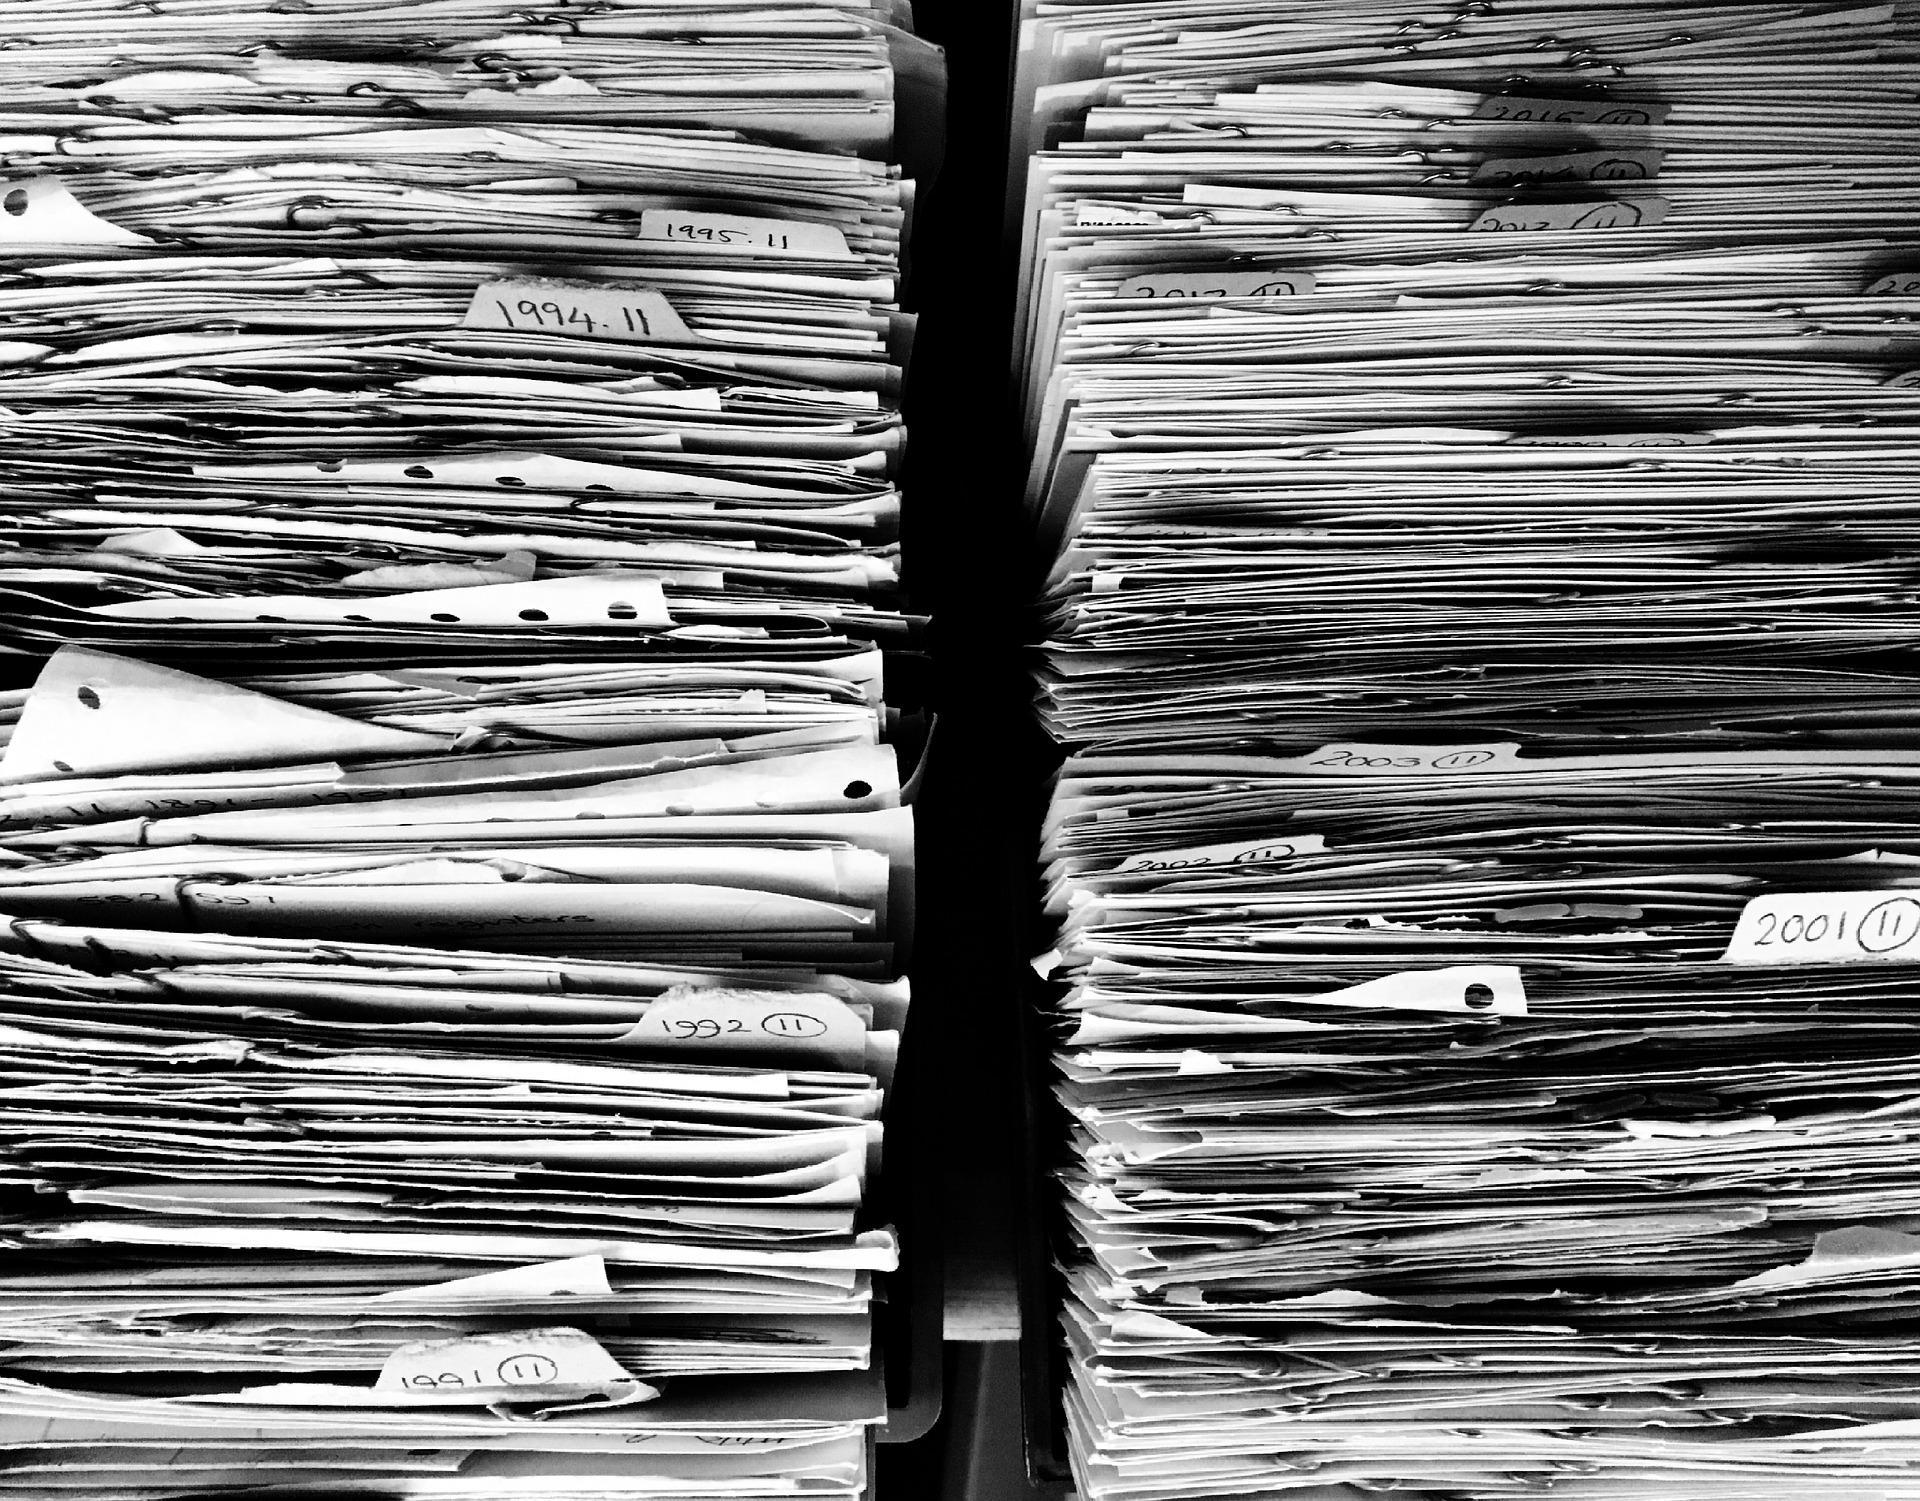 Die beantragte Insolvenz in Eigenverwaltung – und die Vergütung des vorläufigen Sachwalters